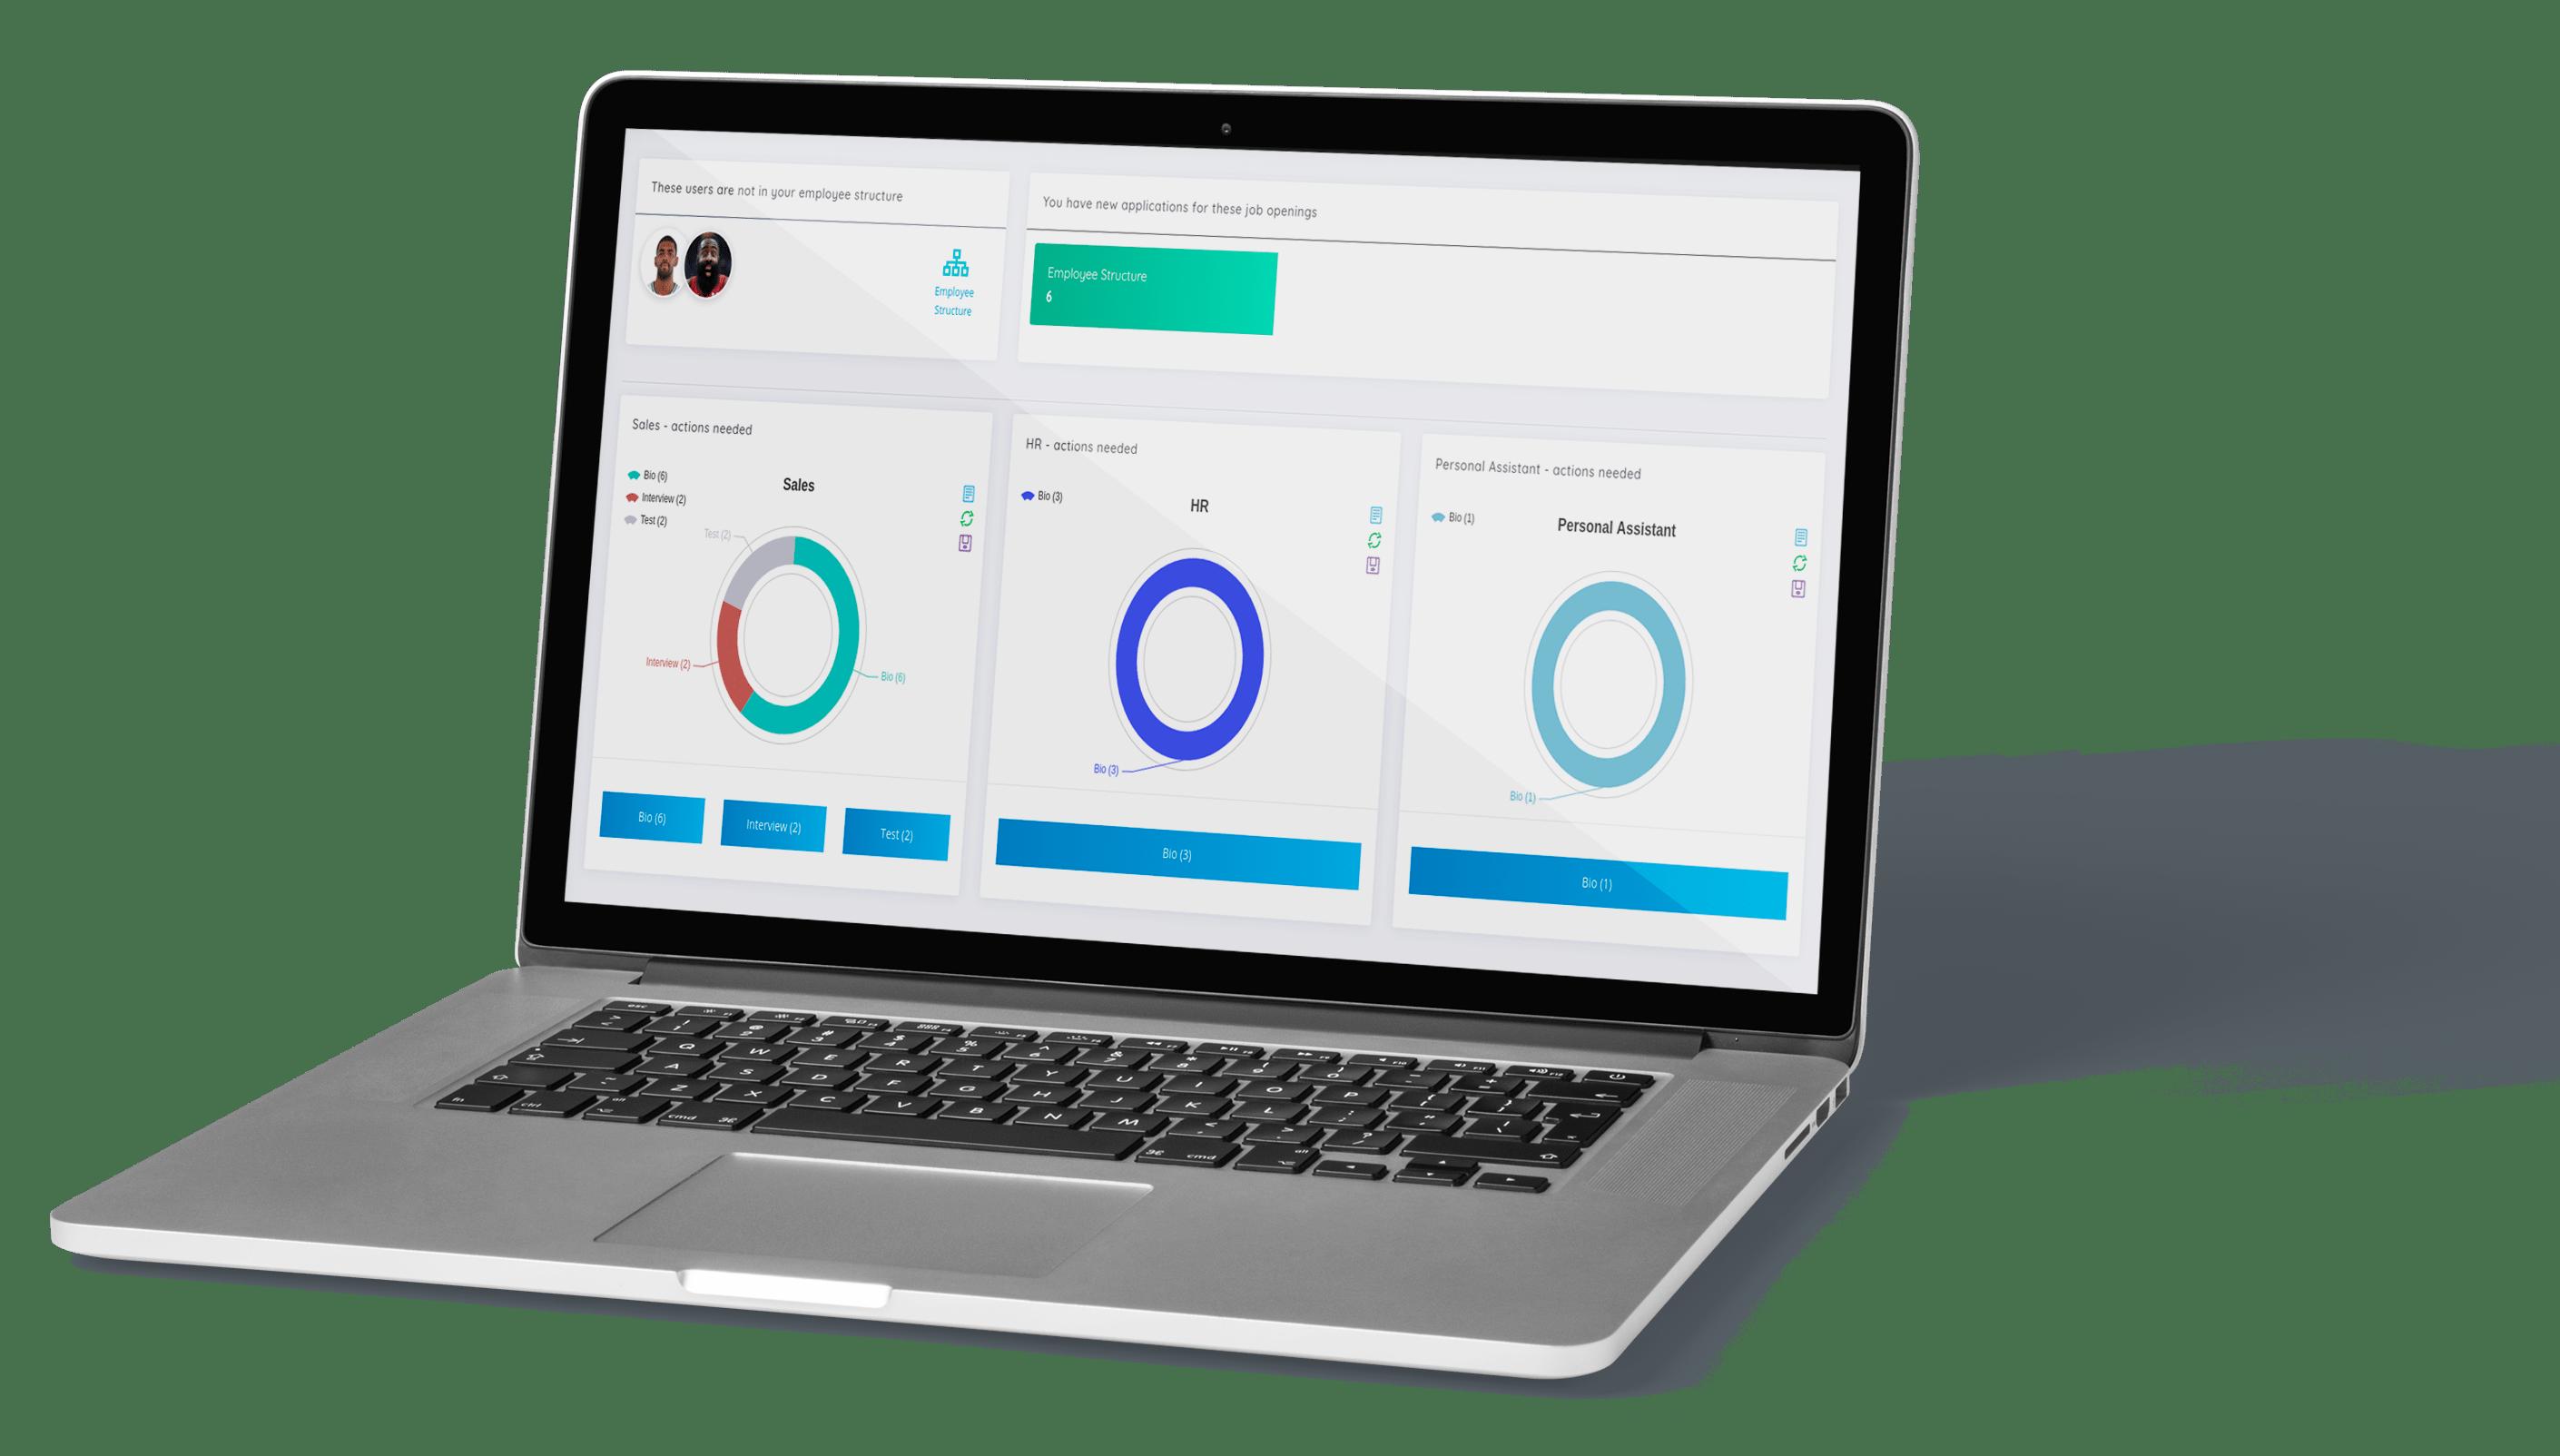 Izgradite svetliju budućnost za svoju kompaniju uz besplatan hr softver